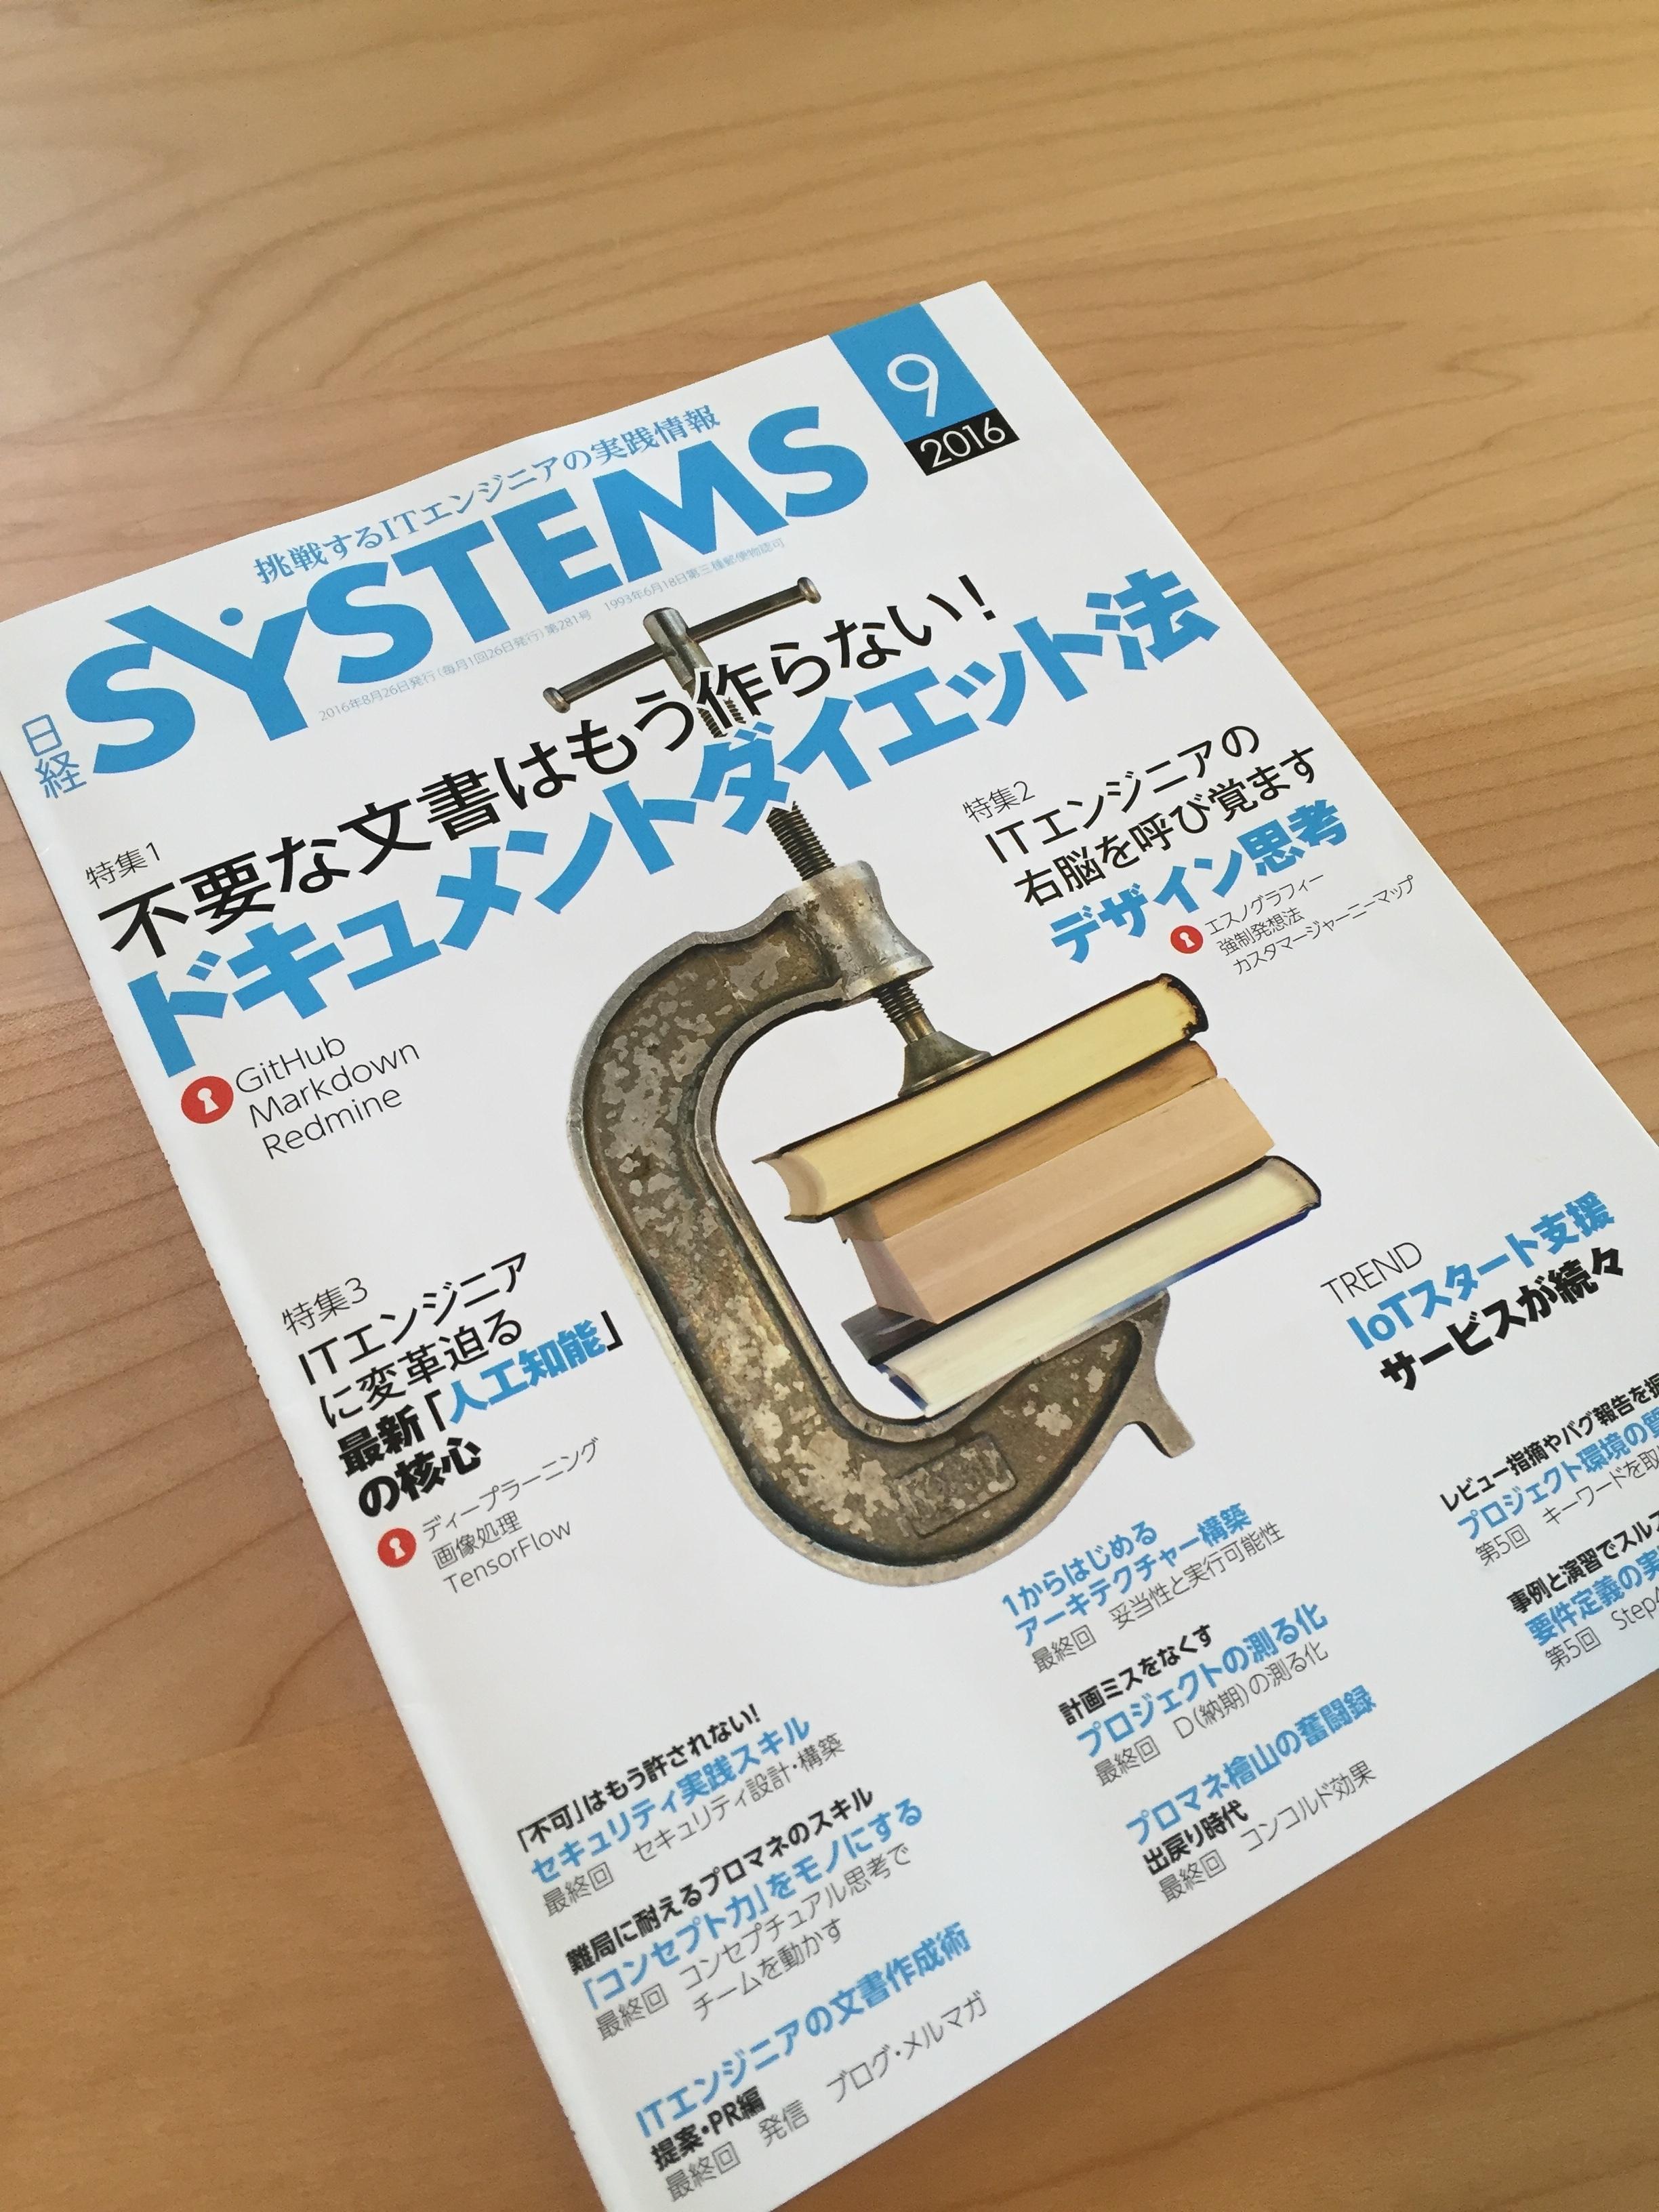 日経SYSTEMS9月号「ドキュメントダイエット法」特集に代表倉貫の記事が掲載されました。